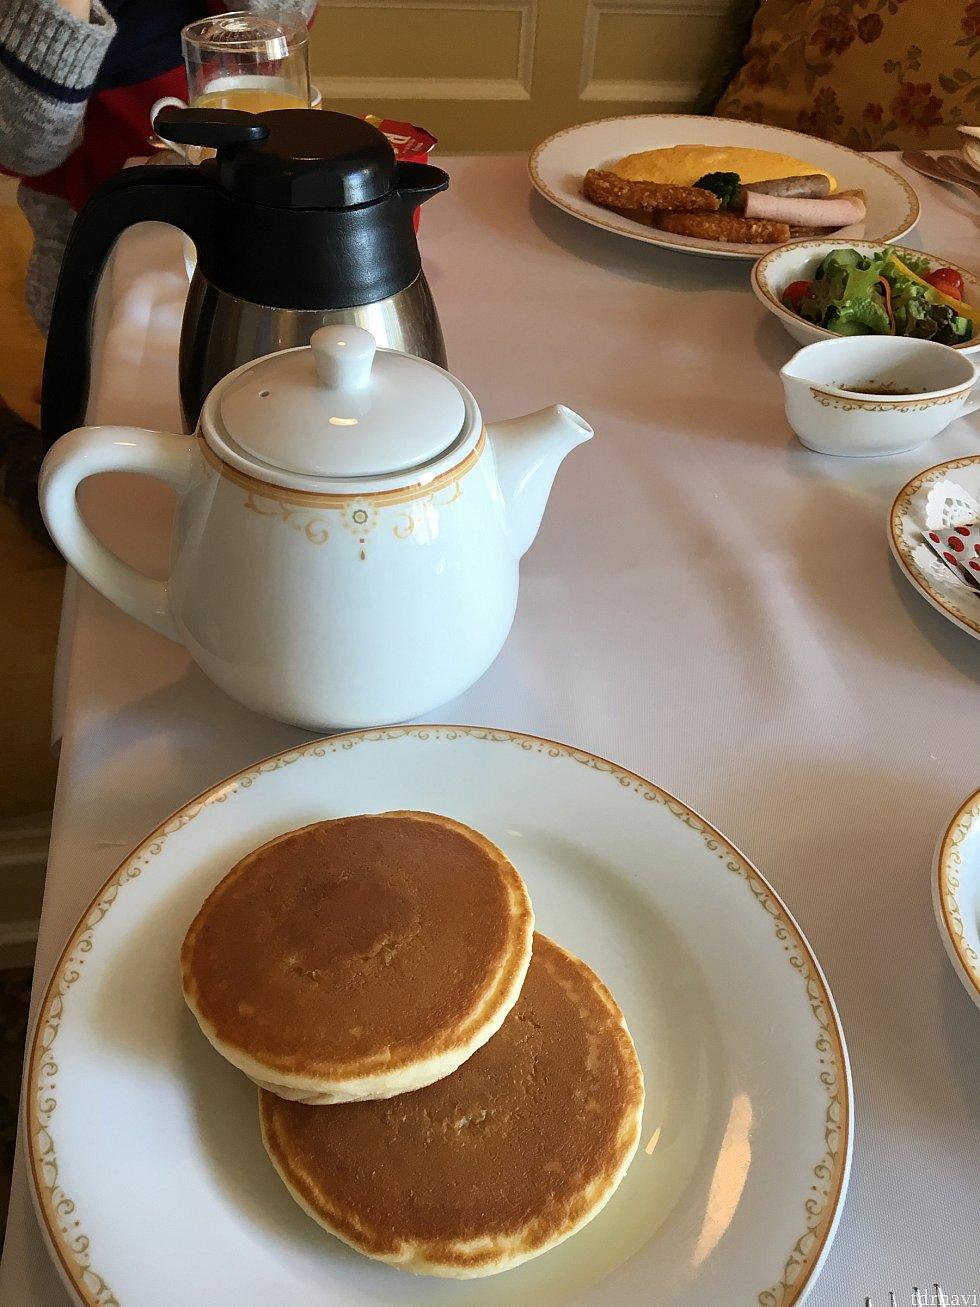 パンケーキとカフェラテセット(エスプレッソとホットミルク)。熱々のカフェラテがいただけます。